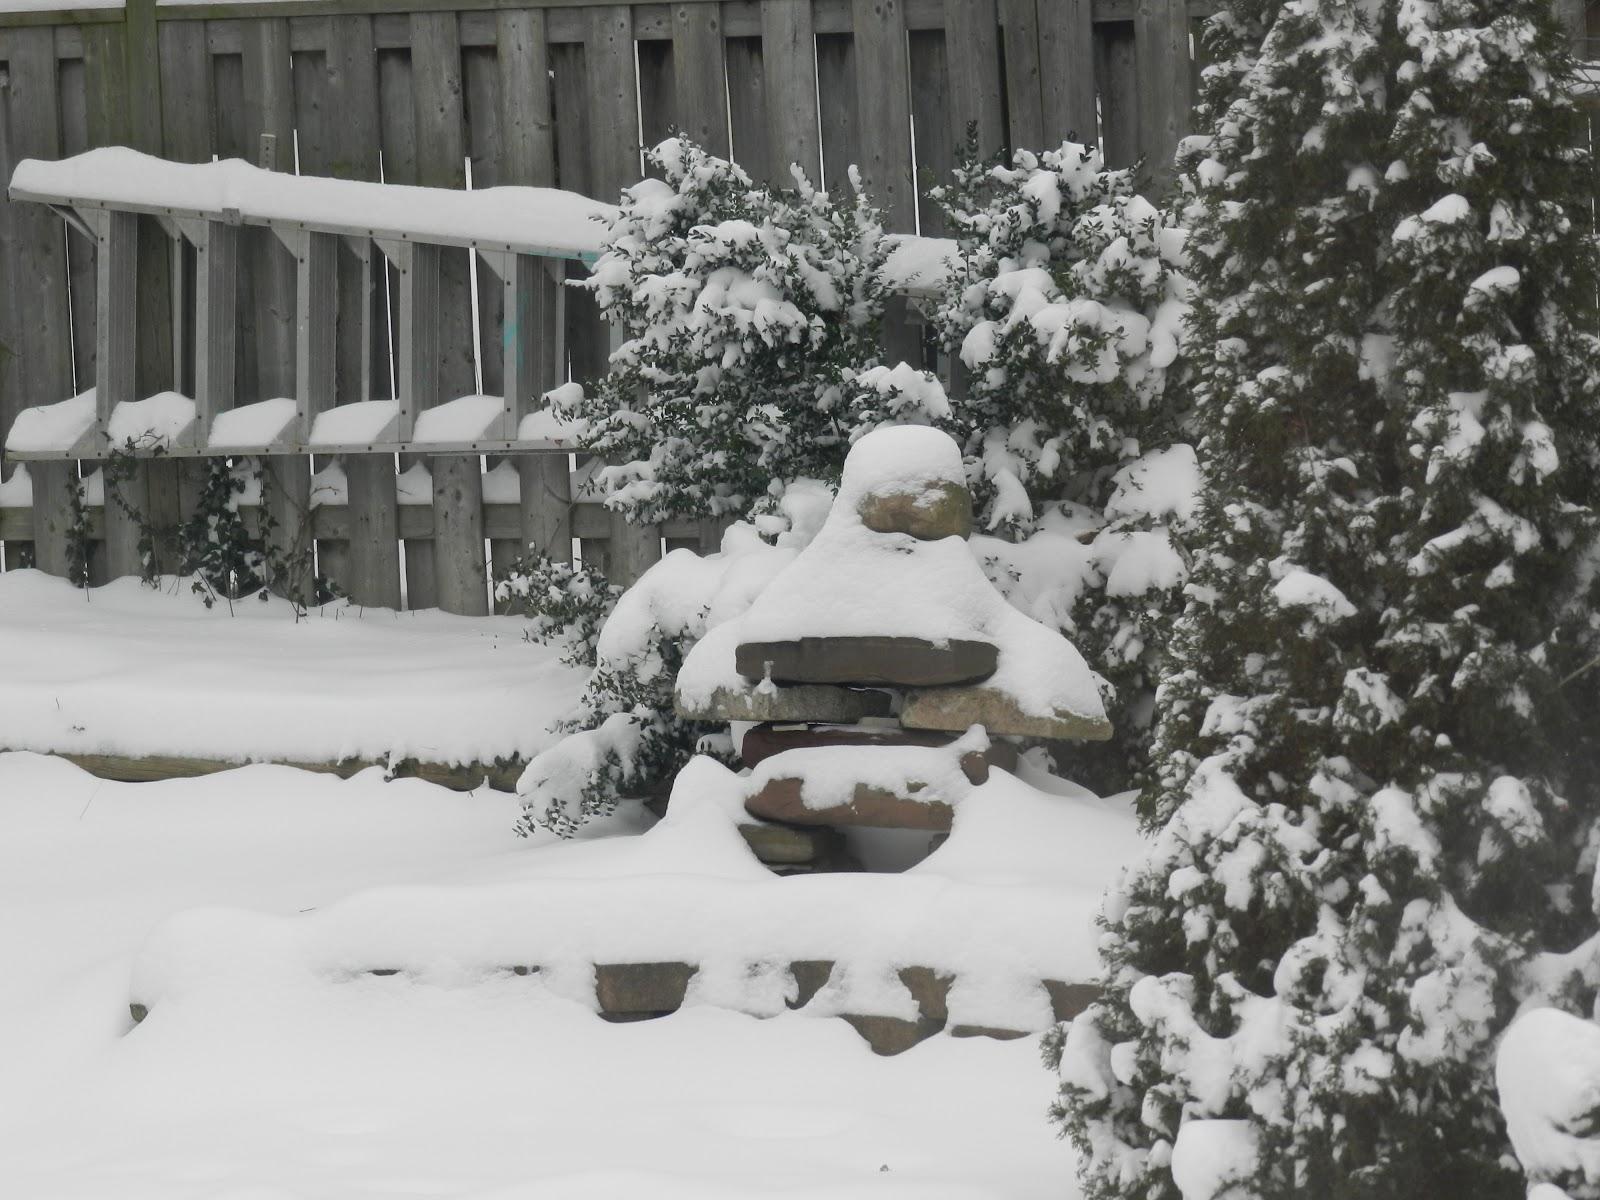 Peering Through a Porthole: Christmas Snow